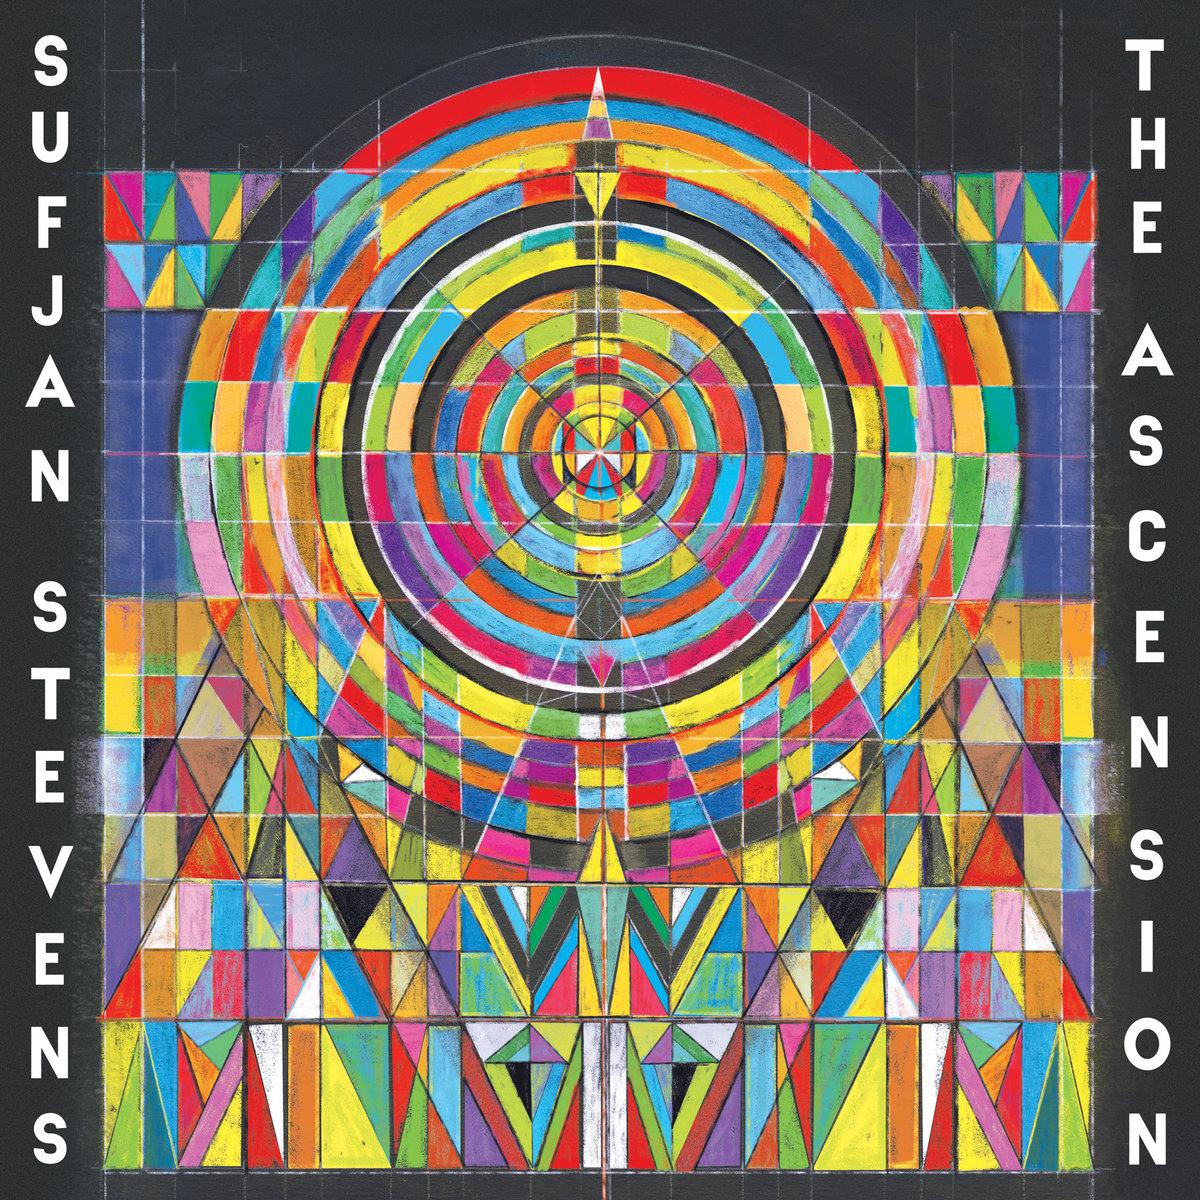 09 Sufjan Stevens